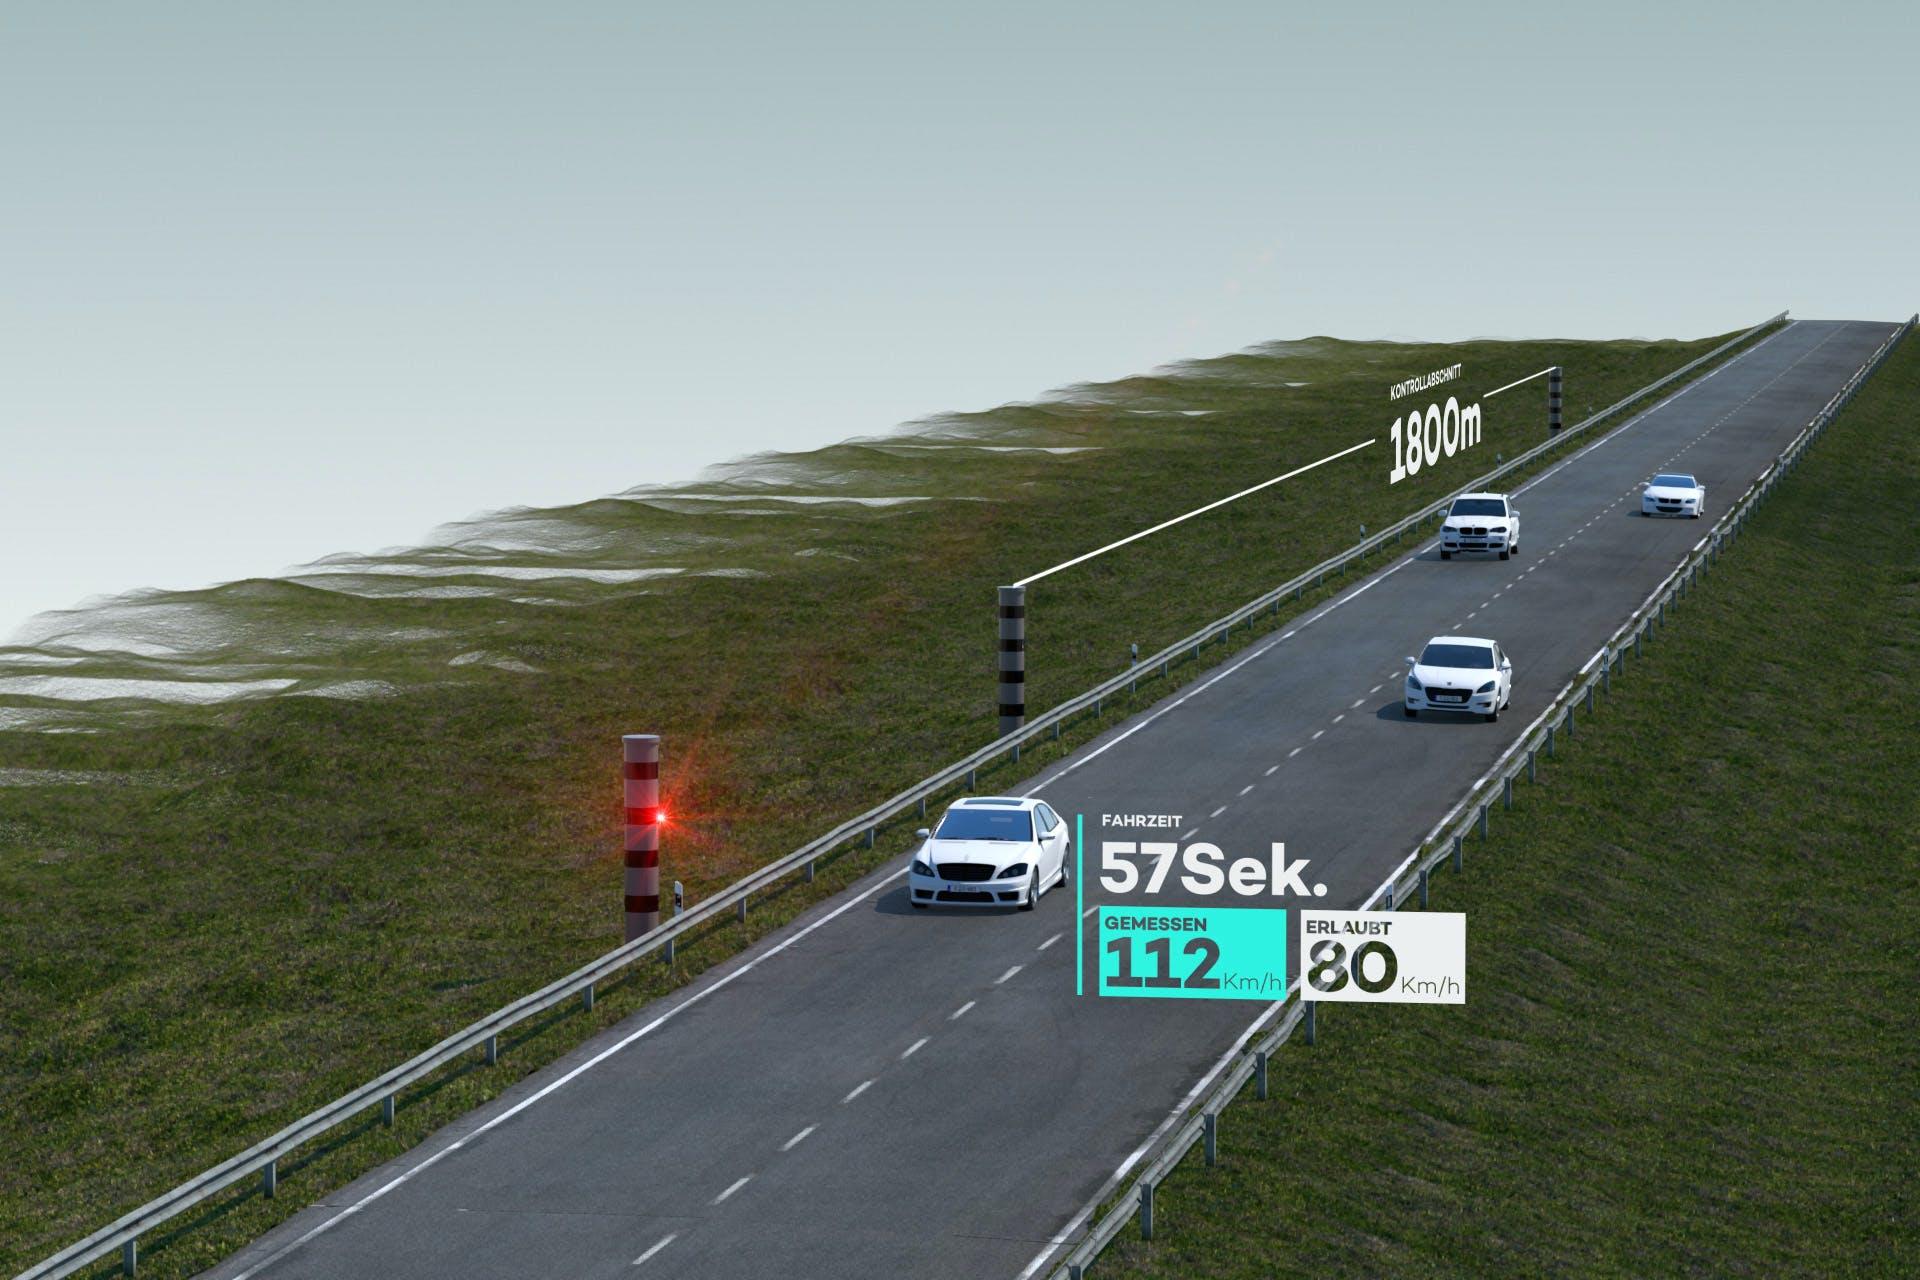 Stationäre Messung der Durschnittsgeschwindigkeit.